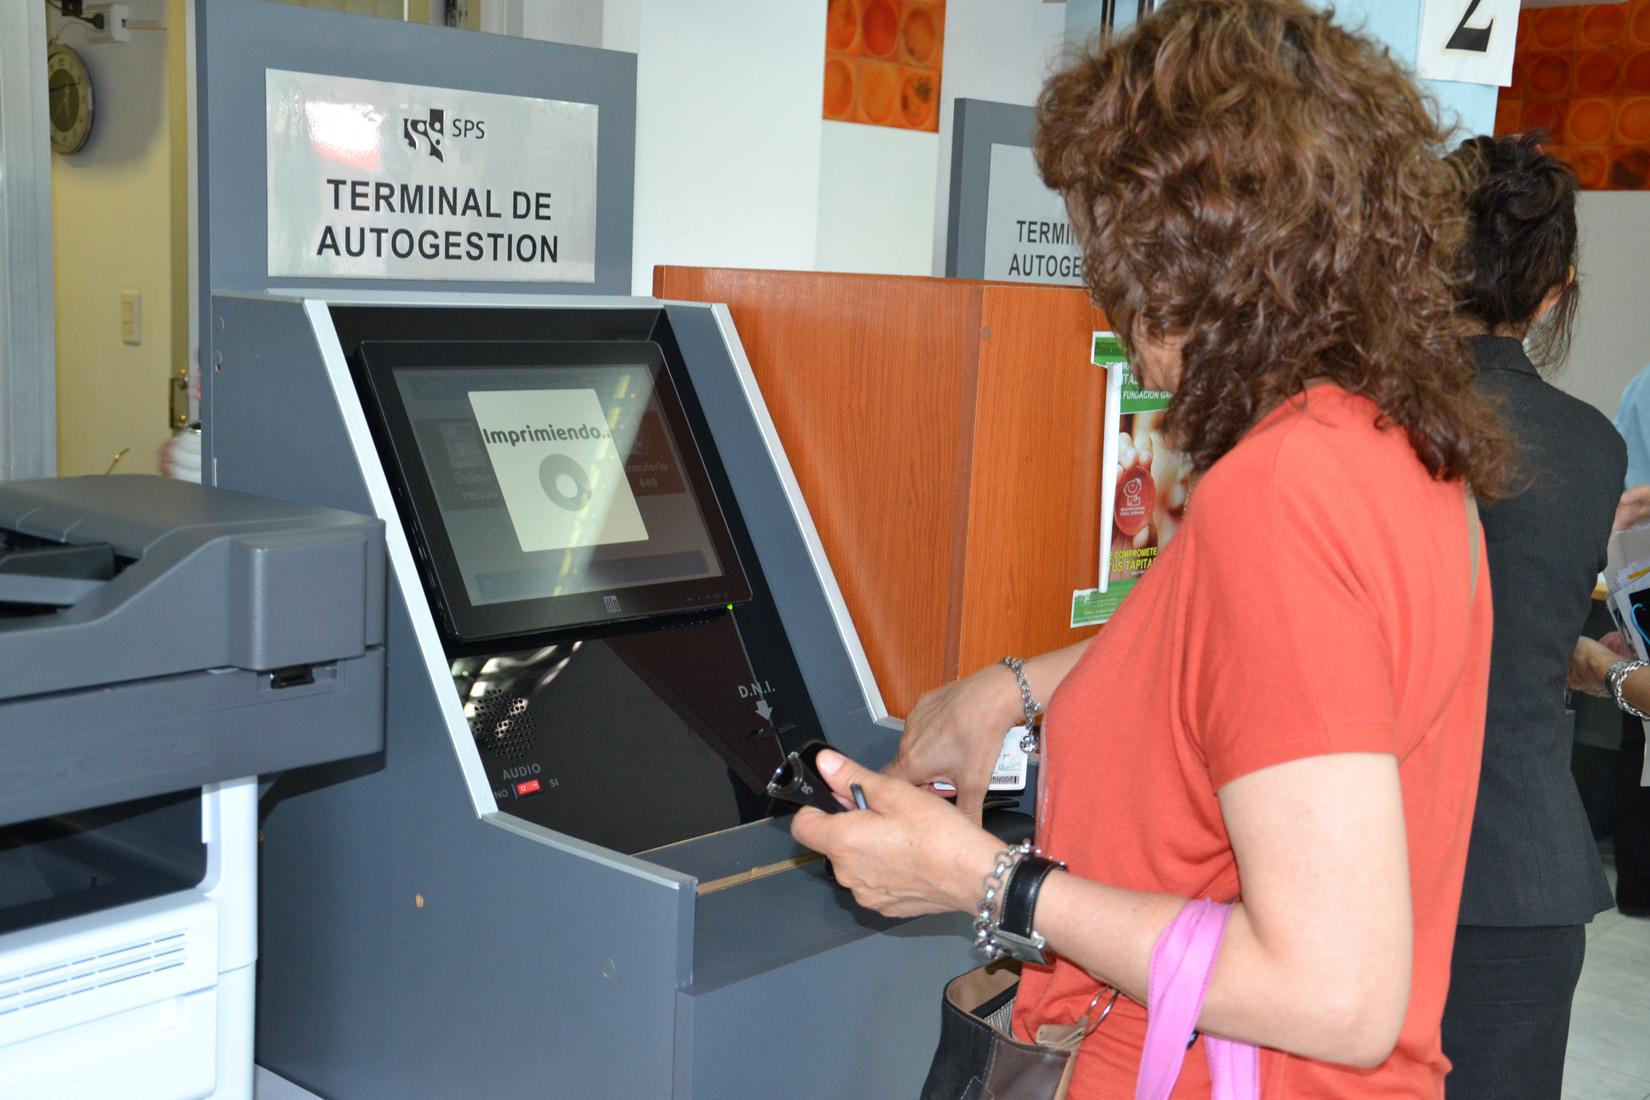 Se relanzaron las Terminales de Autogestión del Servicio de Previsión Social